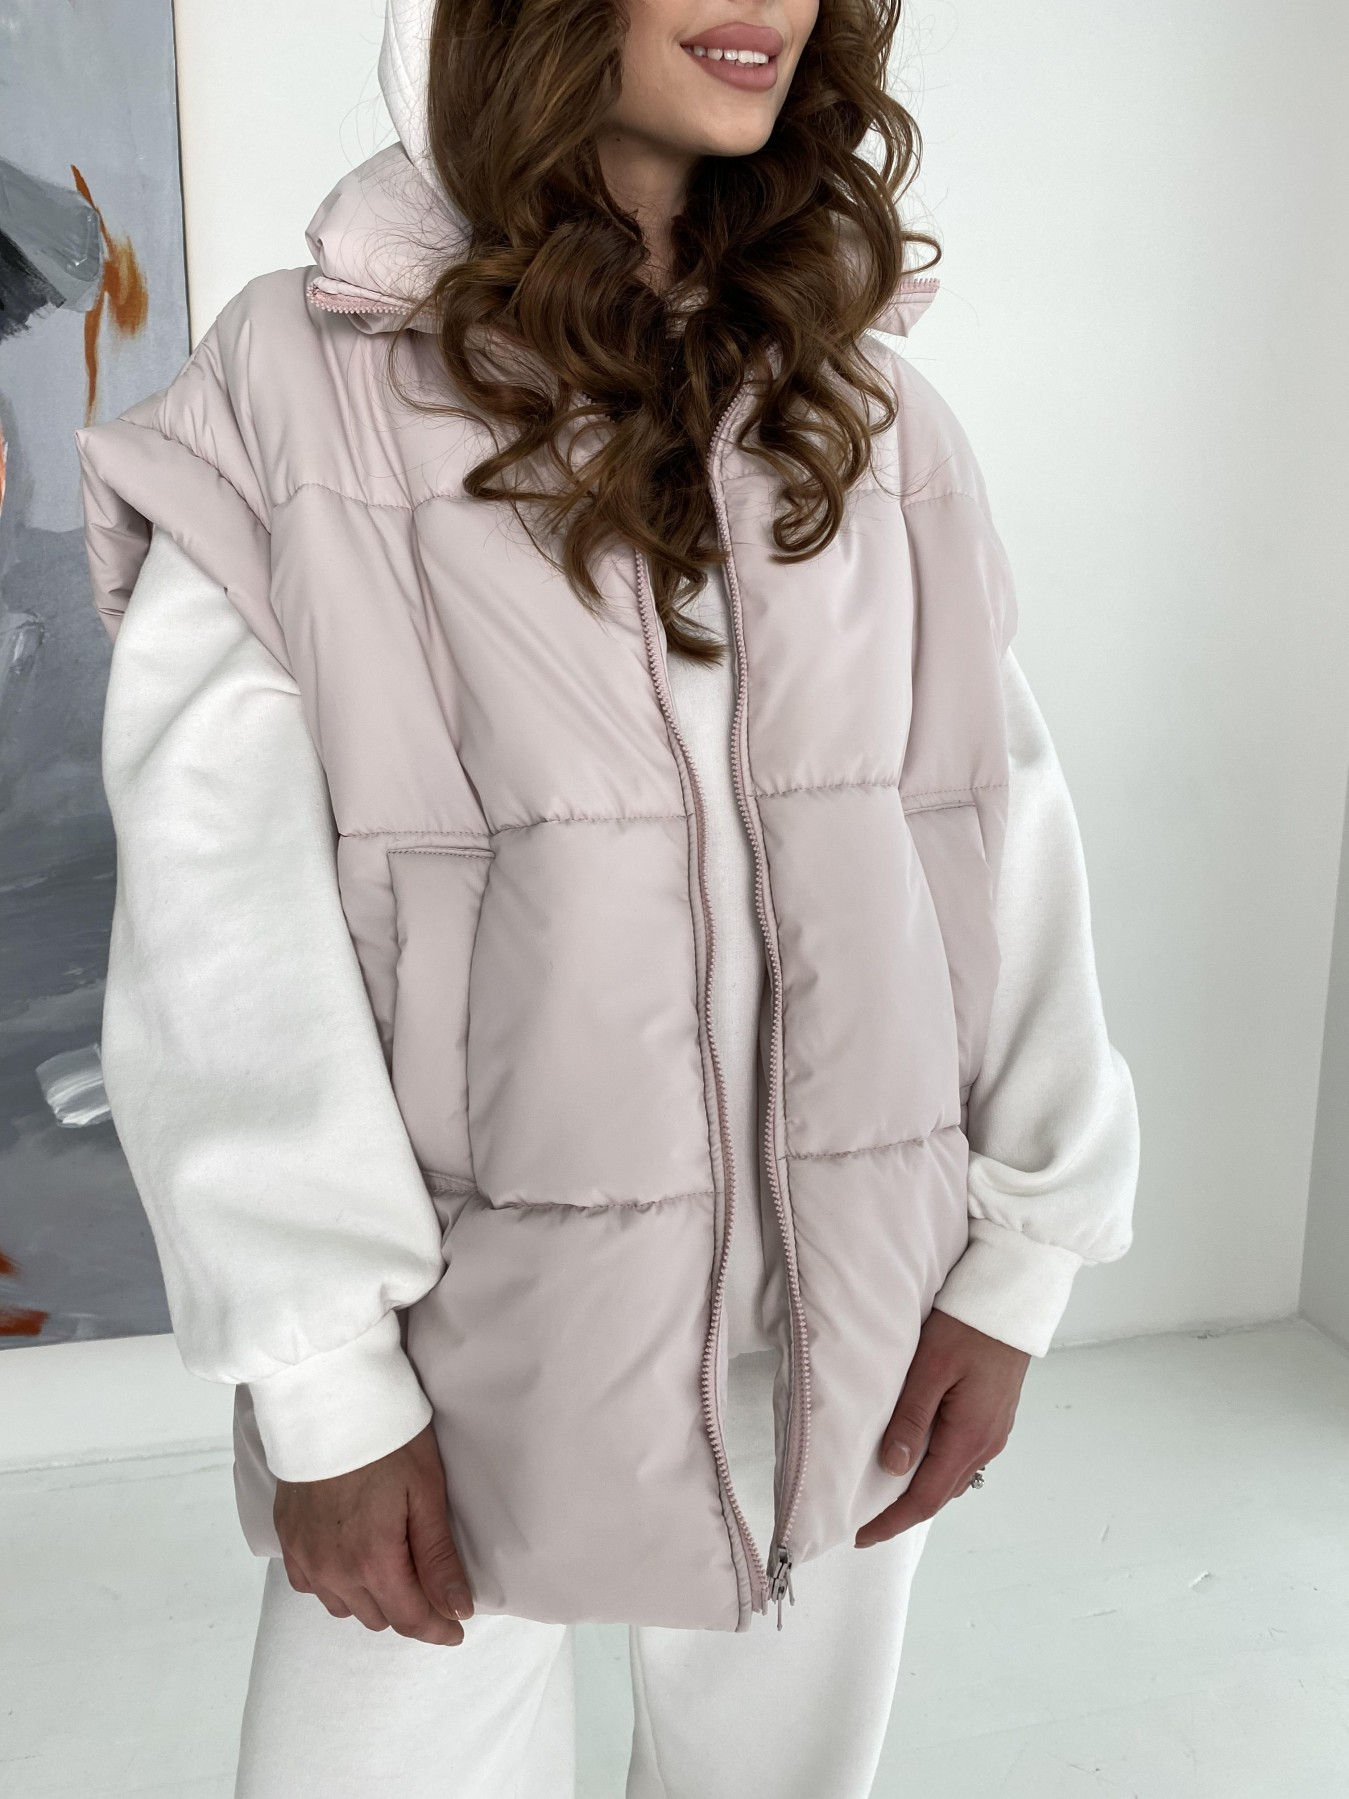 Нюрнберг жилет из плащевой ткани  10598 АРТ. 47044 Цвет: Молоко 970 - фото 5, интернет магазин tm-modus.ru